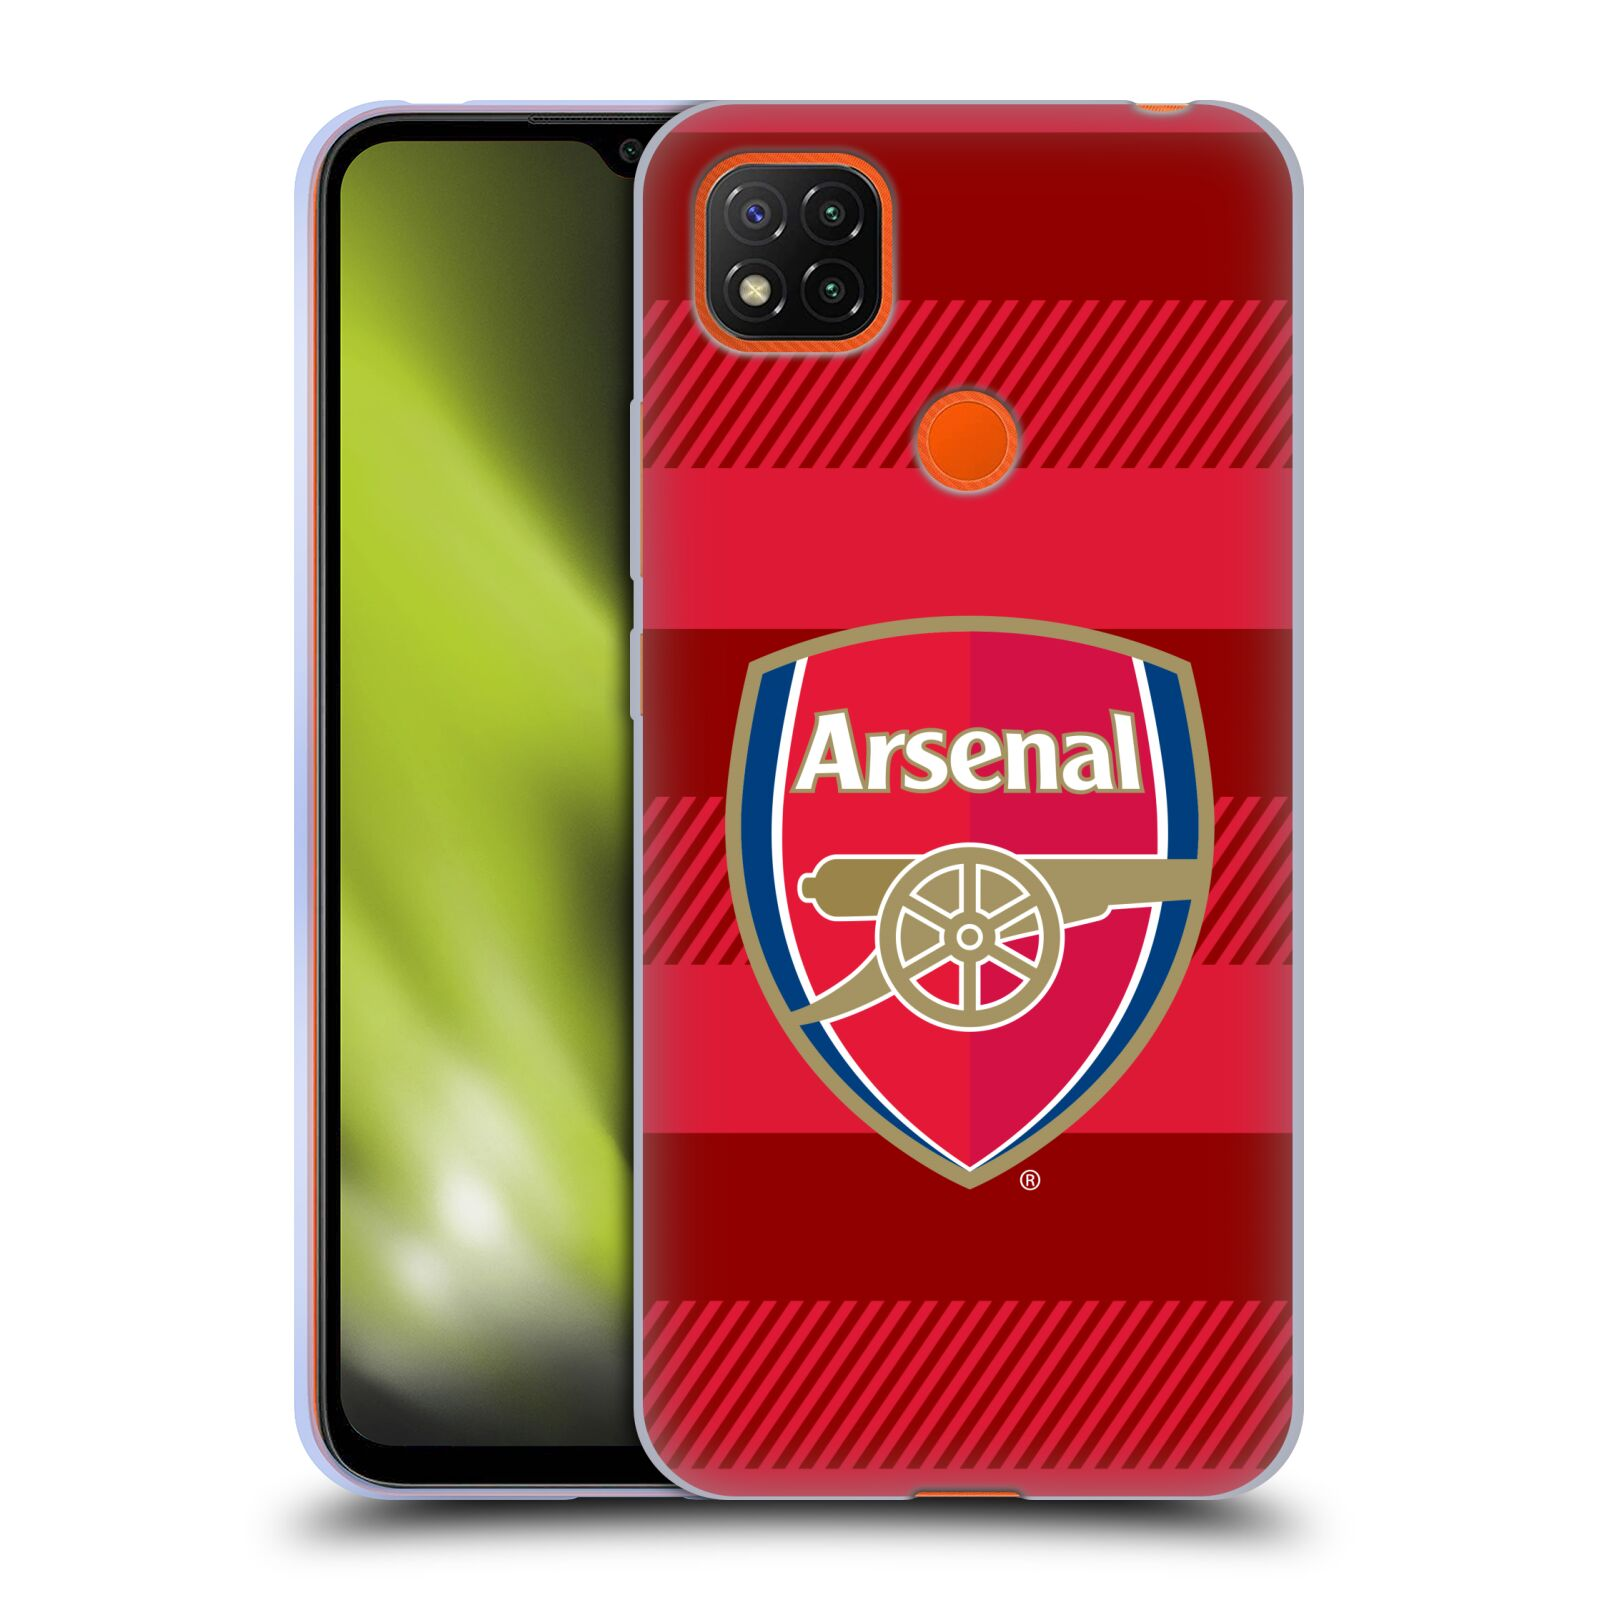 Silikonové pouzdro na mobil Xiaomi Redmi 9C - Head Case - Arsenal FC - Logo s pruhy